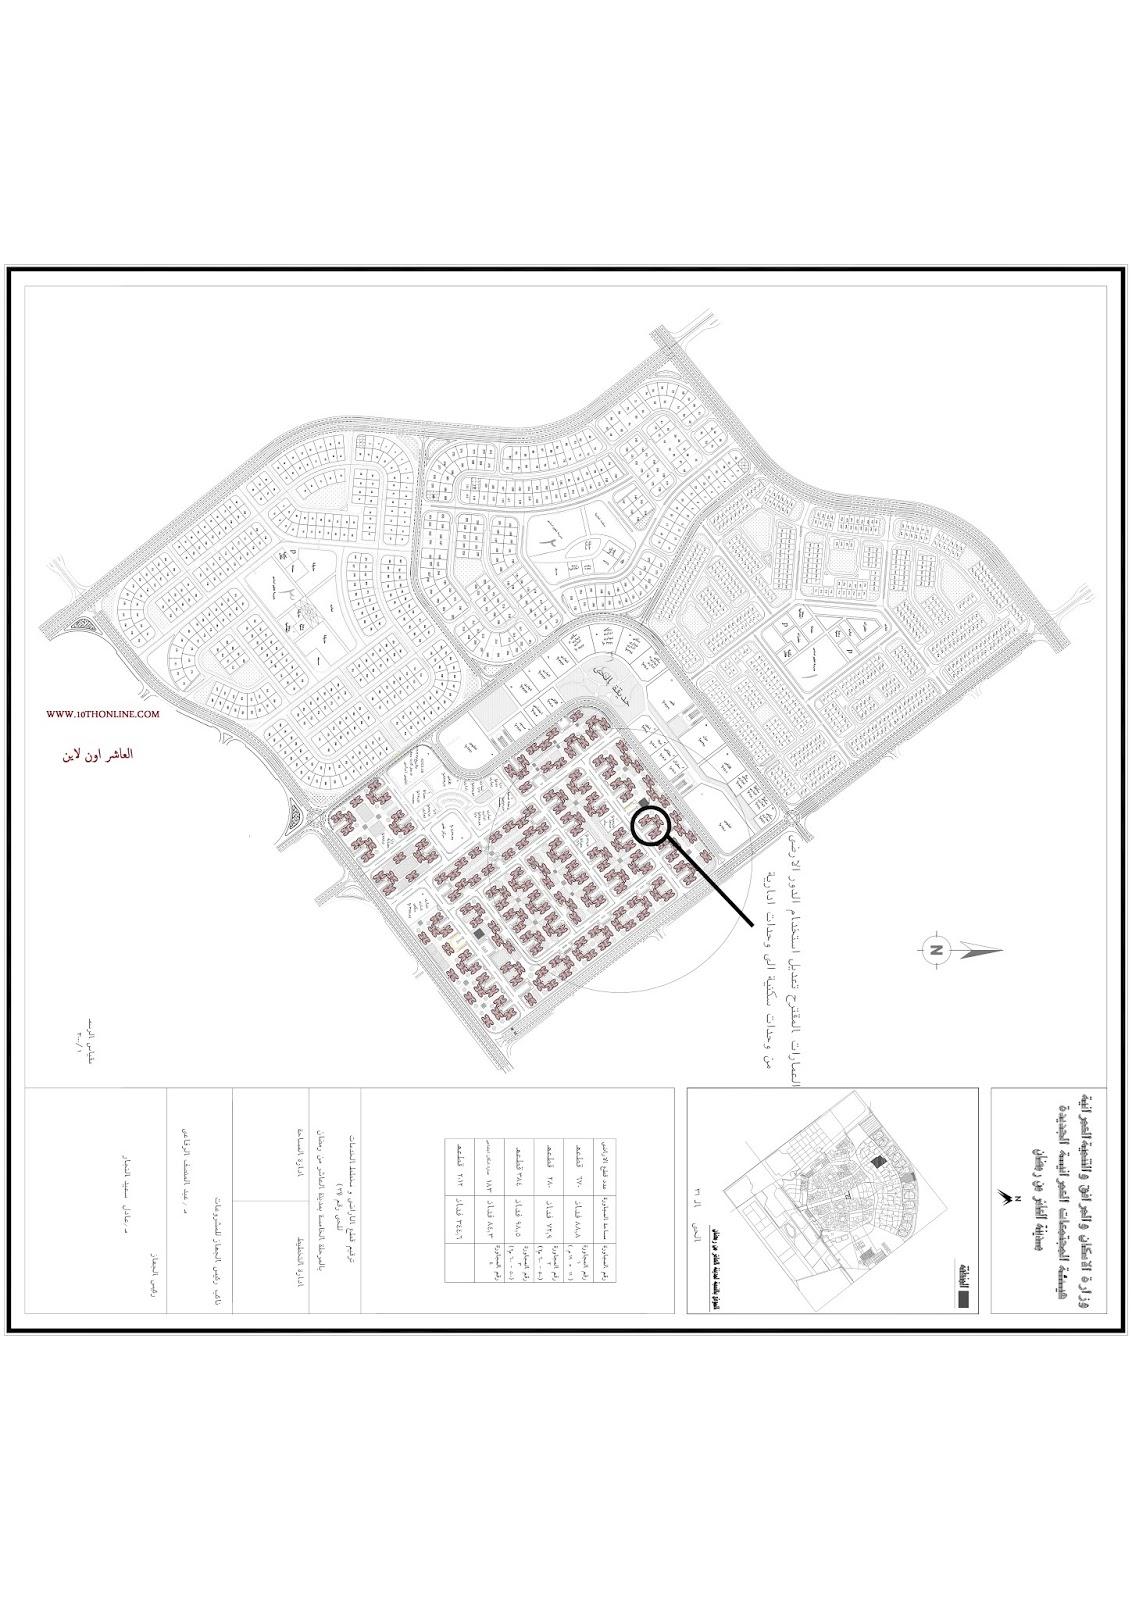 خرائط مدينة العاشر من رمضان Pdf